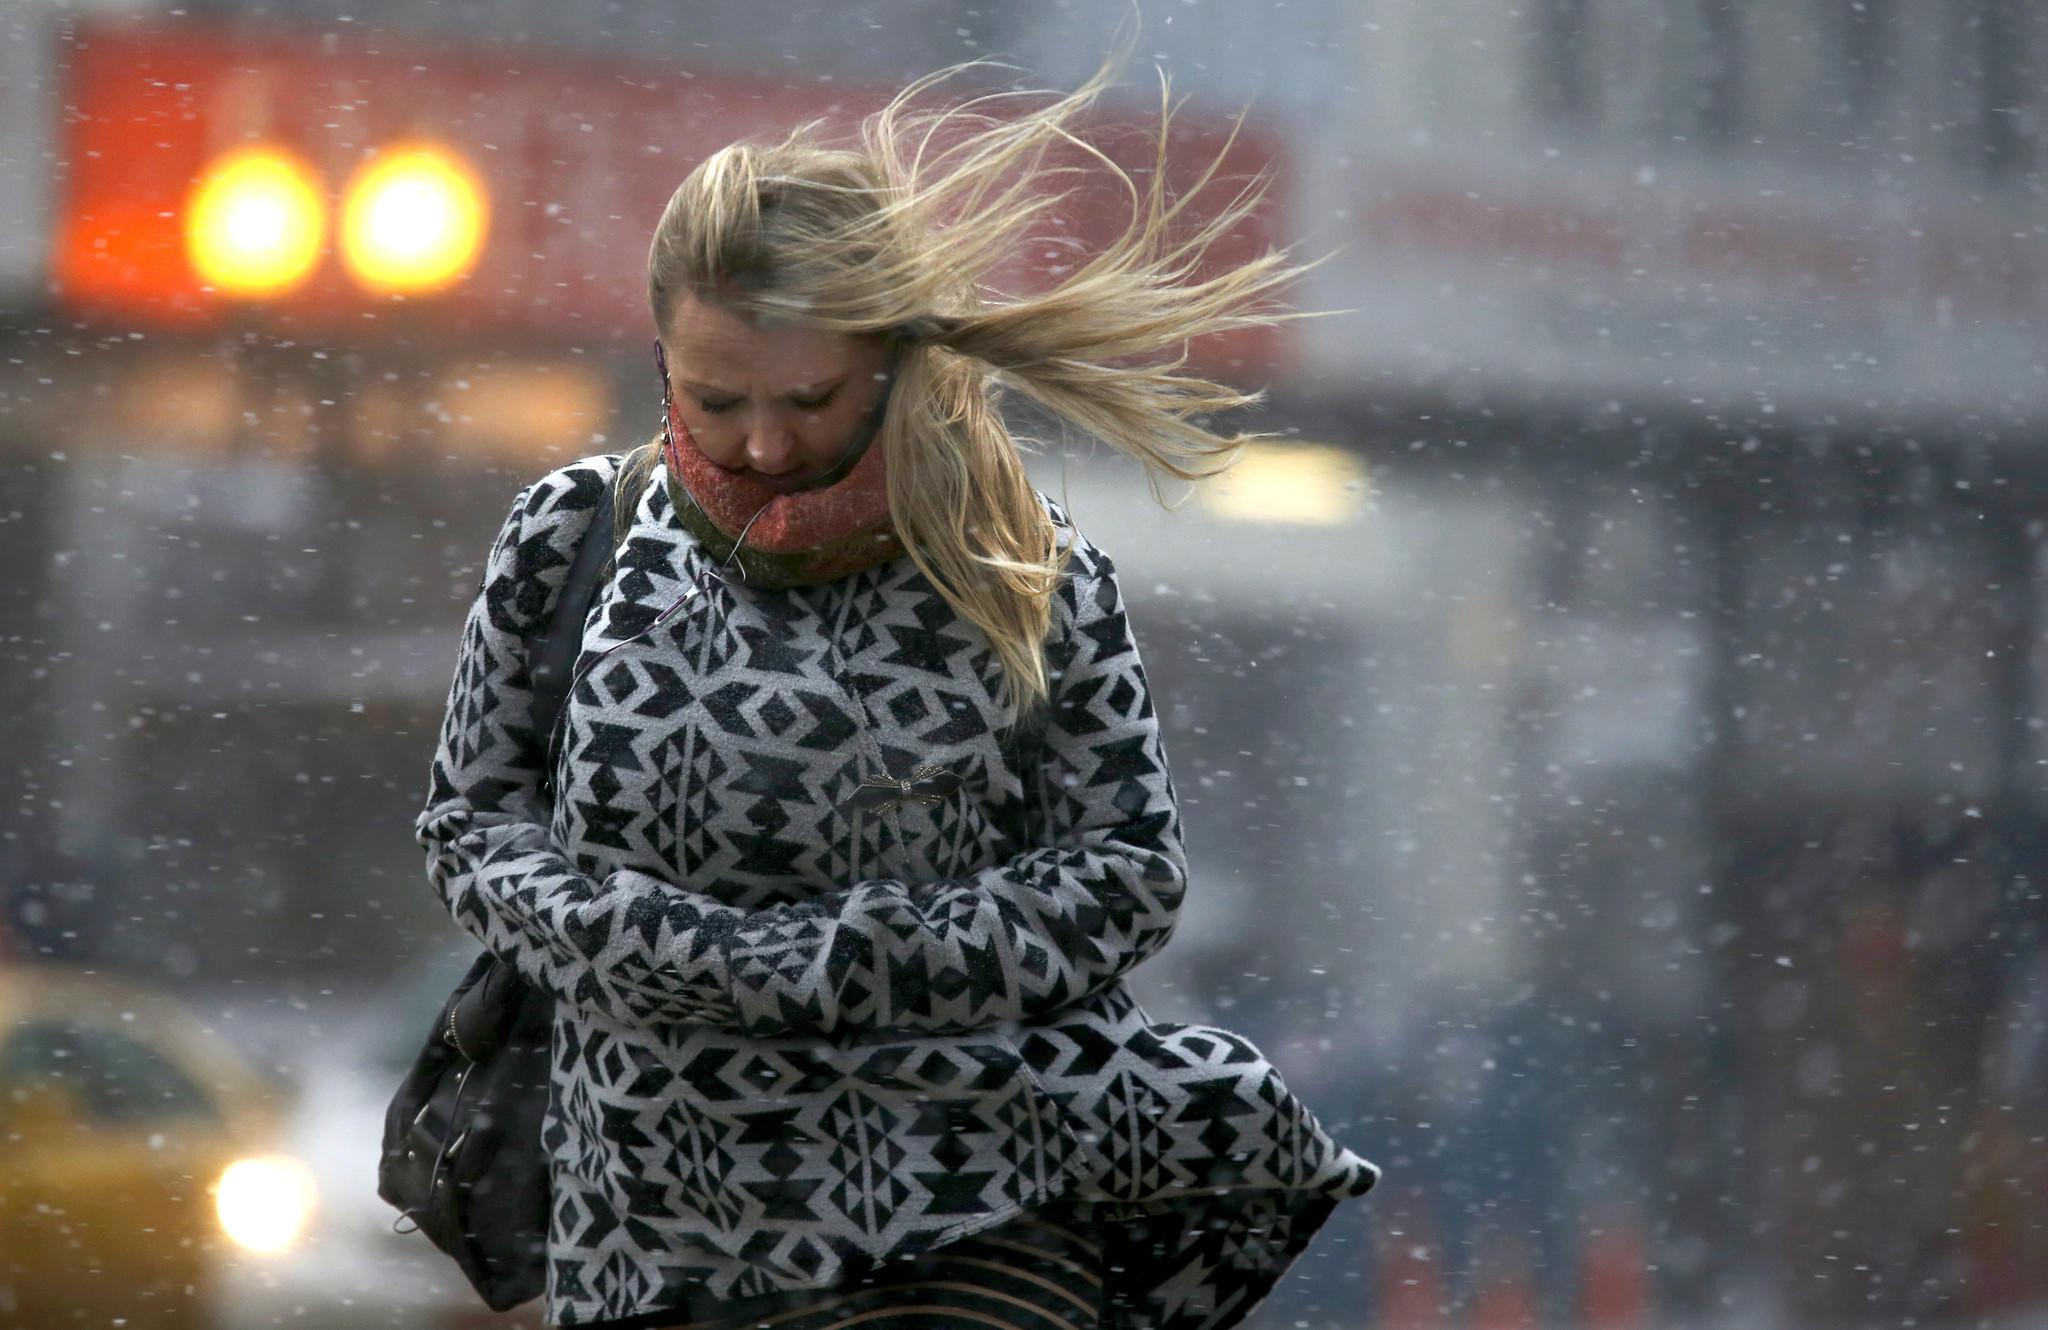 Ostrzeżenie przed porywistym wiatrem